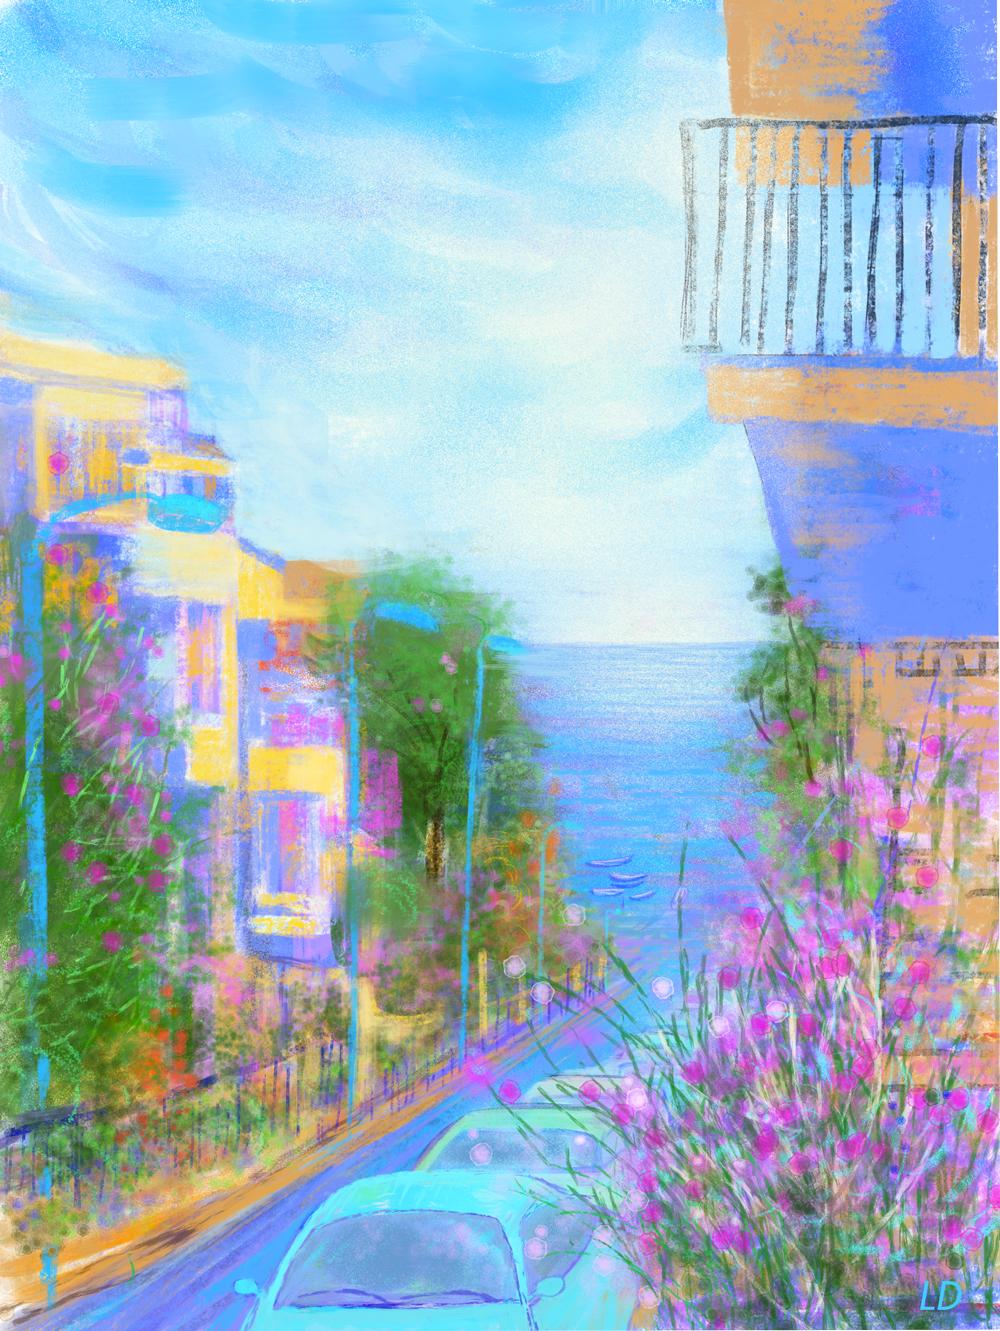 Via delle Conchiglie, Cala Gonone no. 1. Digital painting, 74x56, 2017